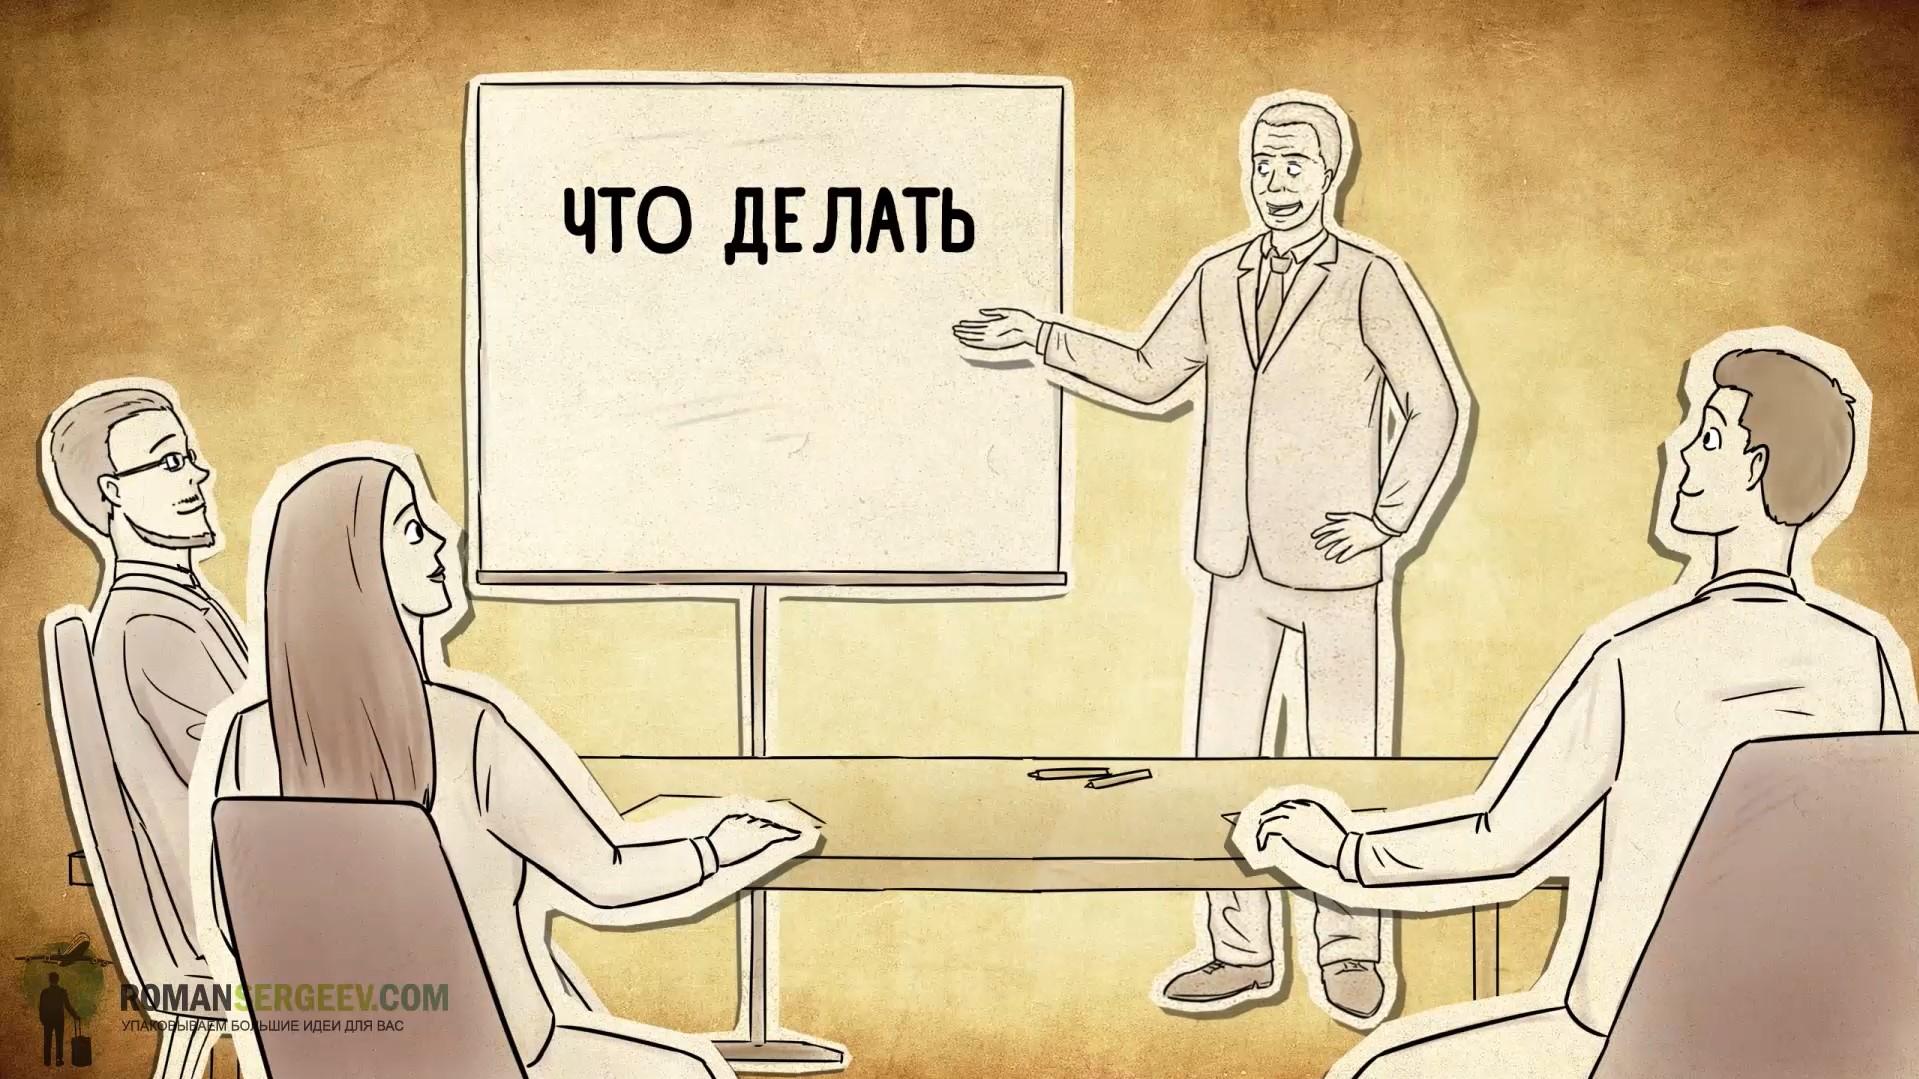 45 татуировок менеджера. Максим Батырев